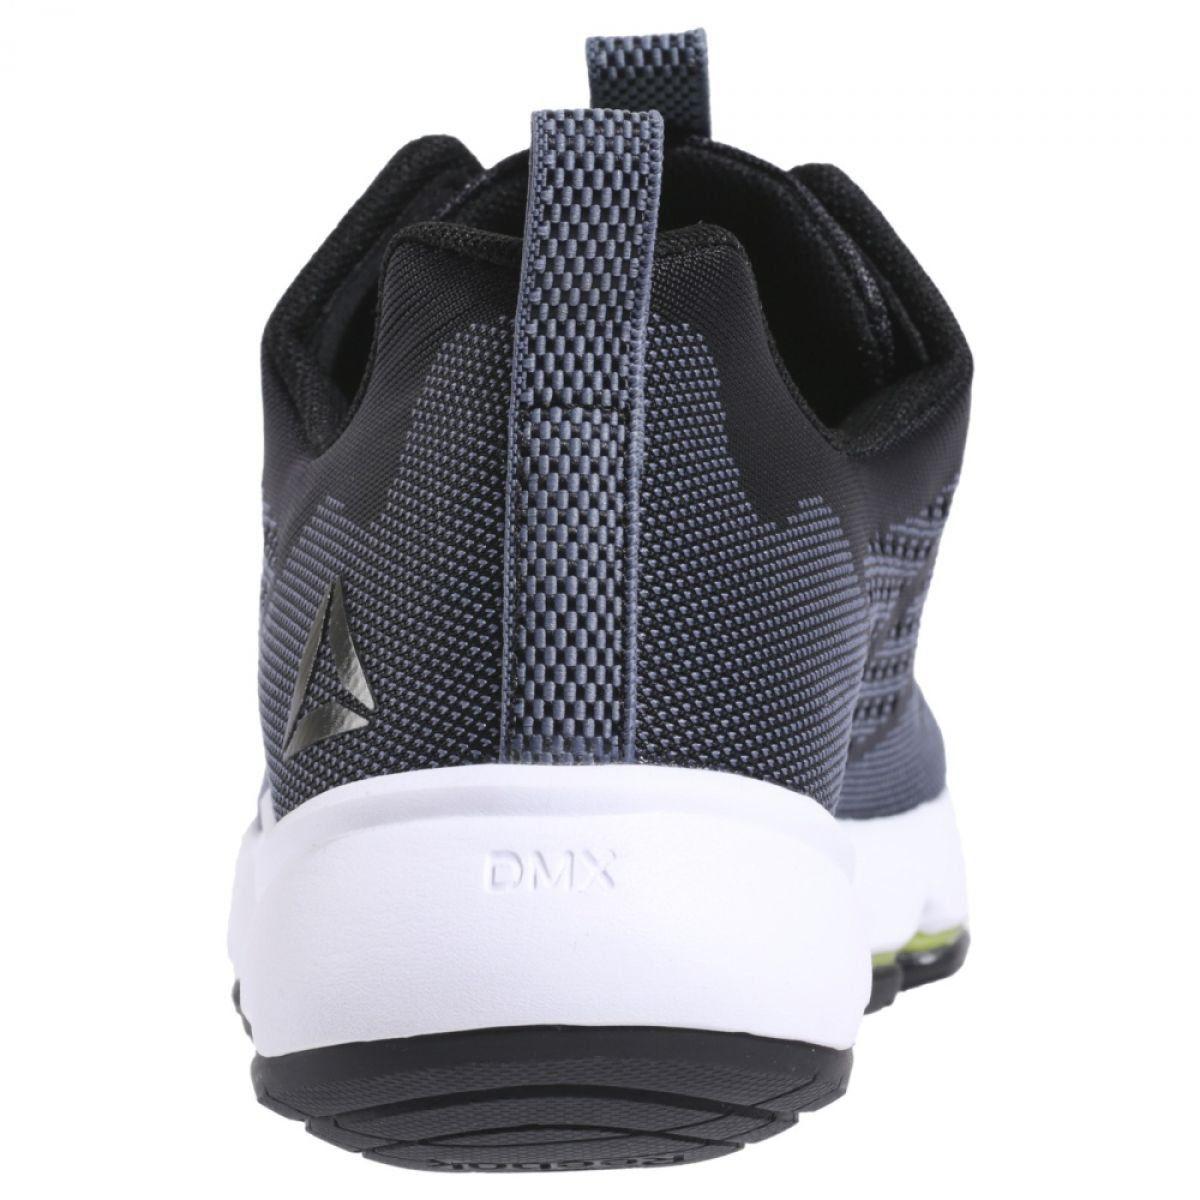 Buty Treningowe Reebok Clouride Ls Dmx W Bd4137 Czarne Training Shoes Reebok Reebok Women